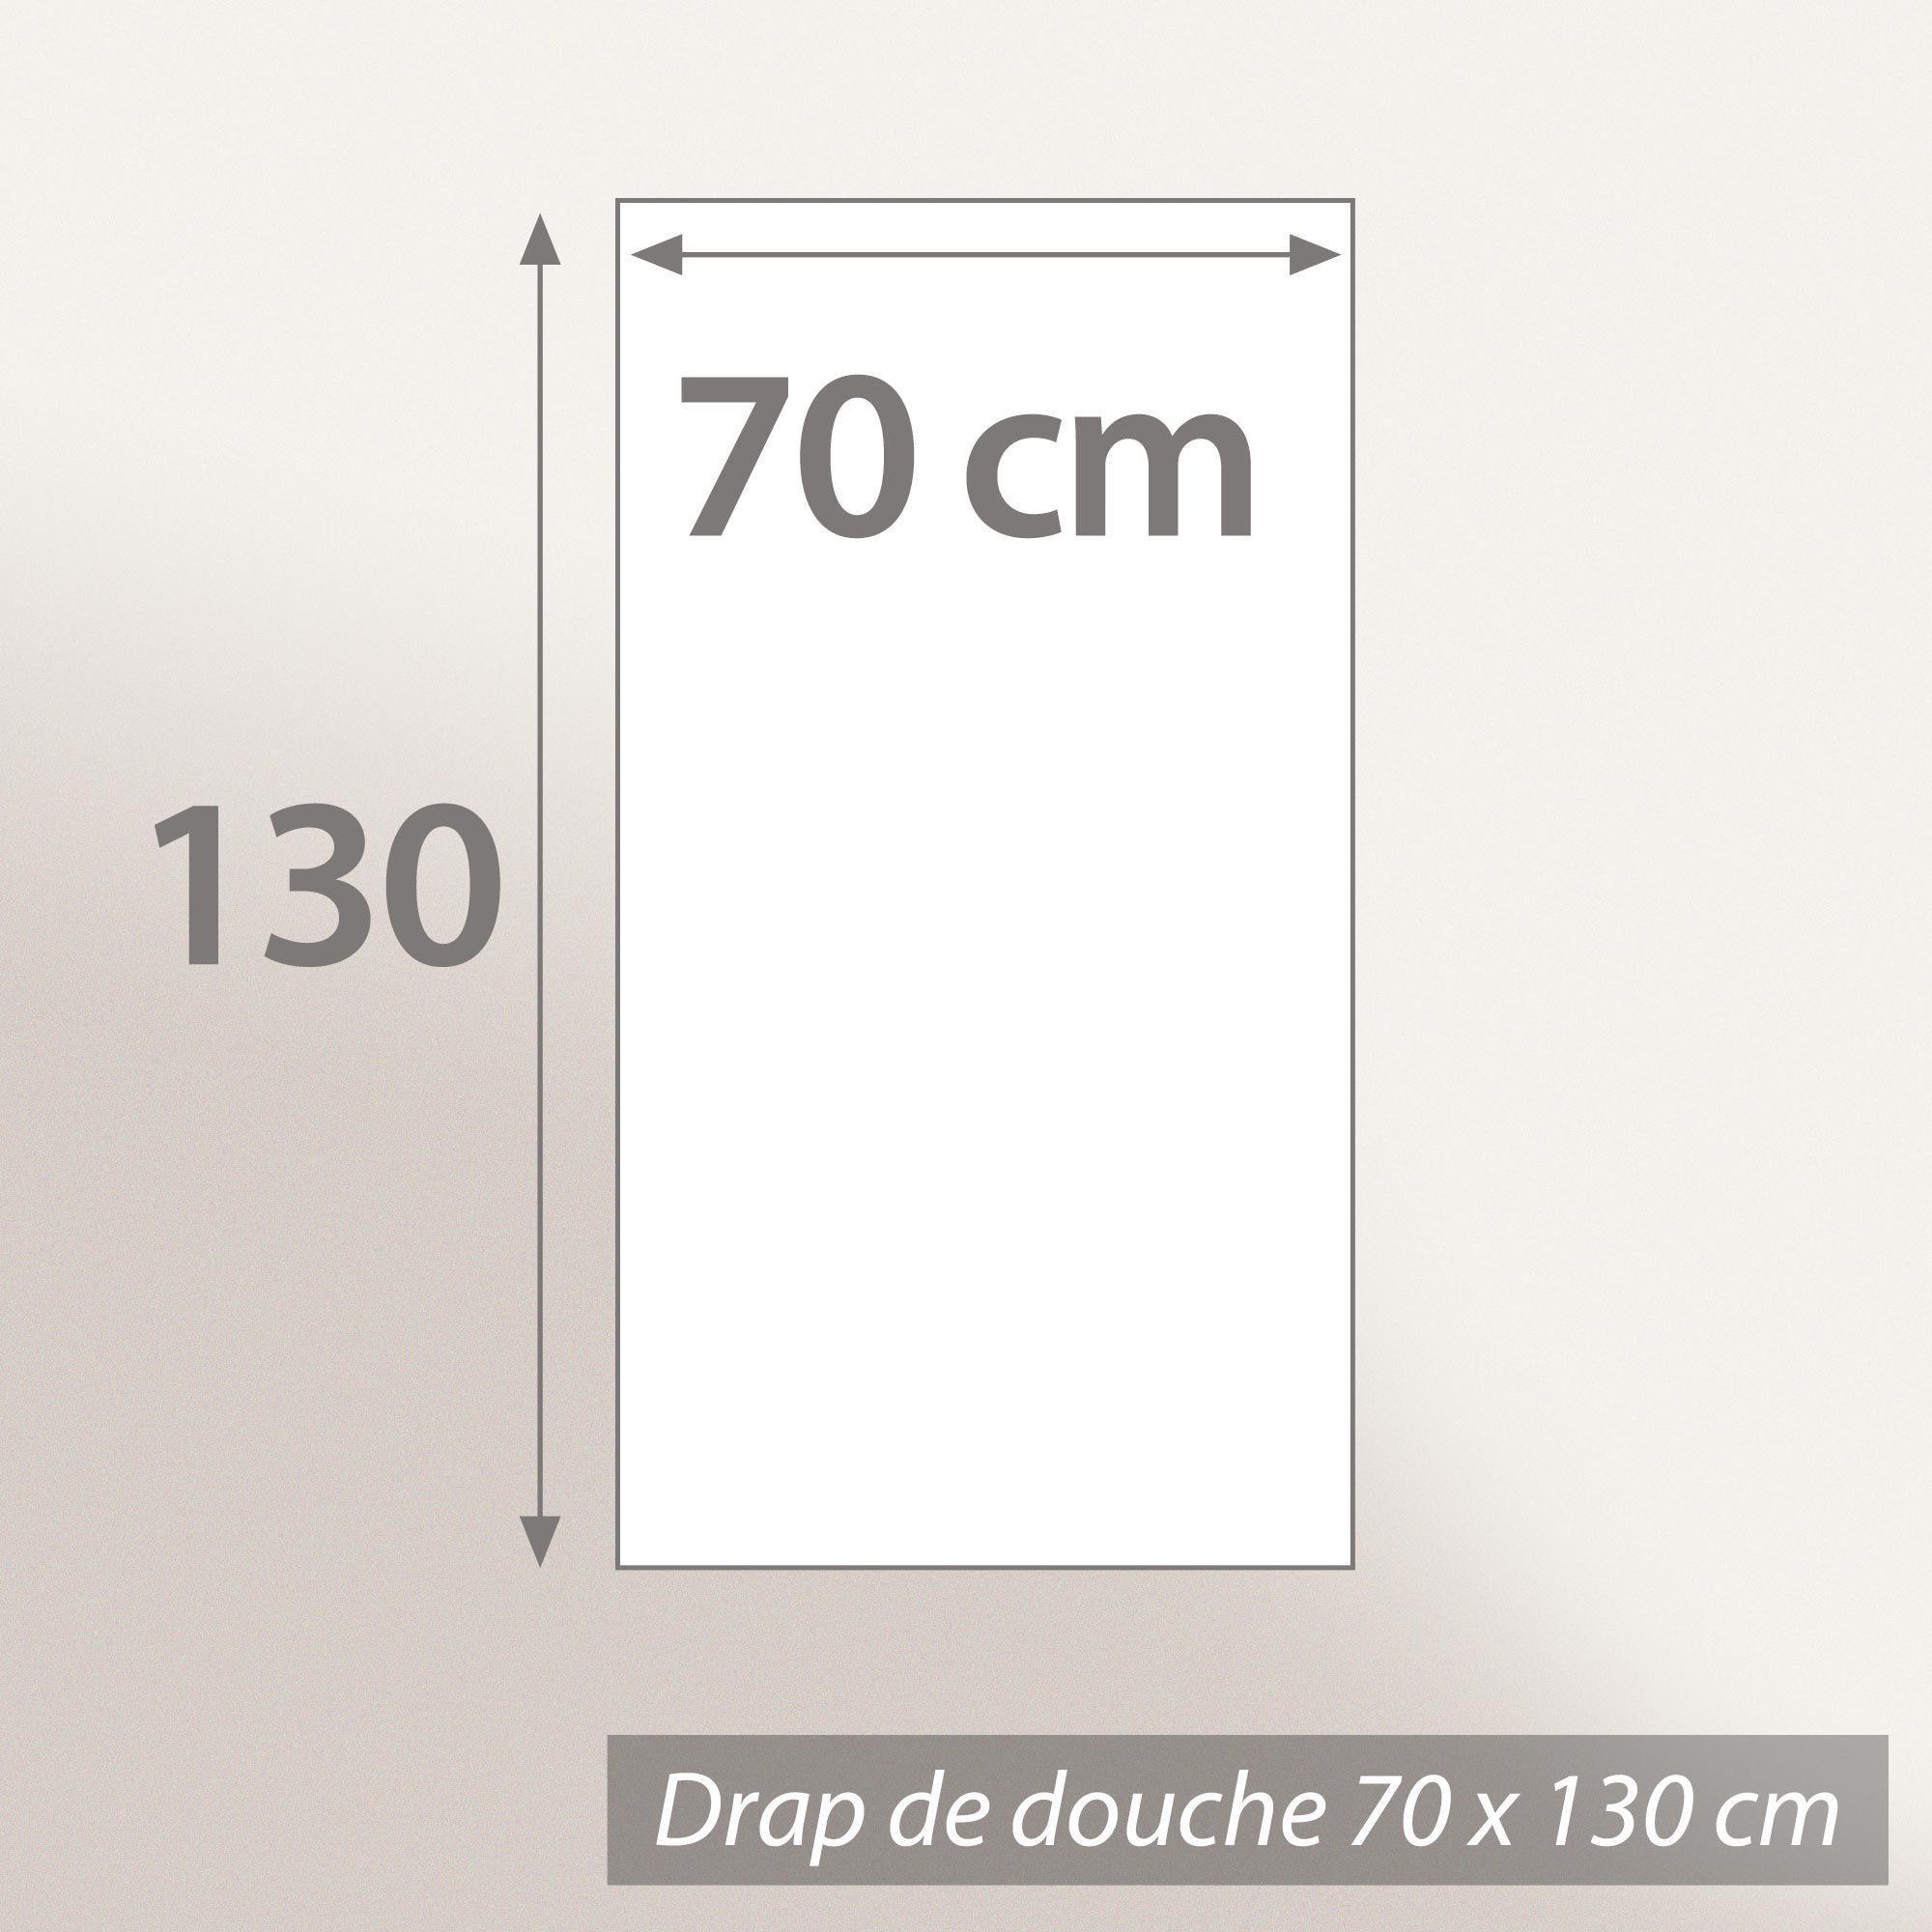 drap de douche 70x130 cm hirsh blanc rouge 600 g m2 linnea vente de linge de maison. Black Bedroom Furniture Sets. Home Design Ideas